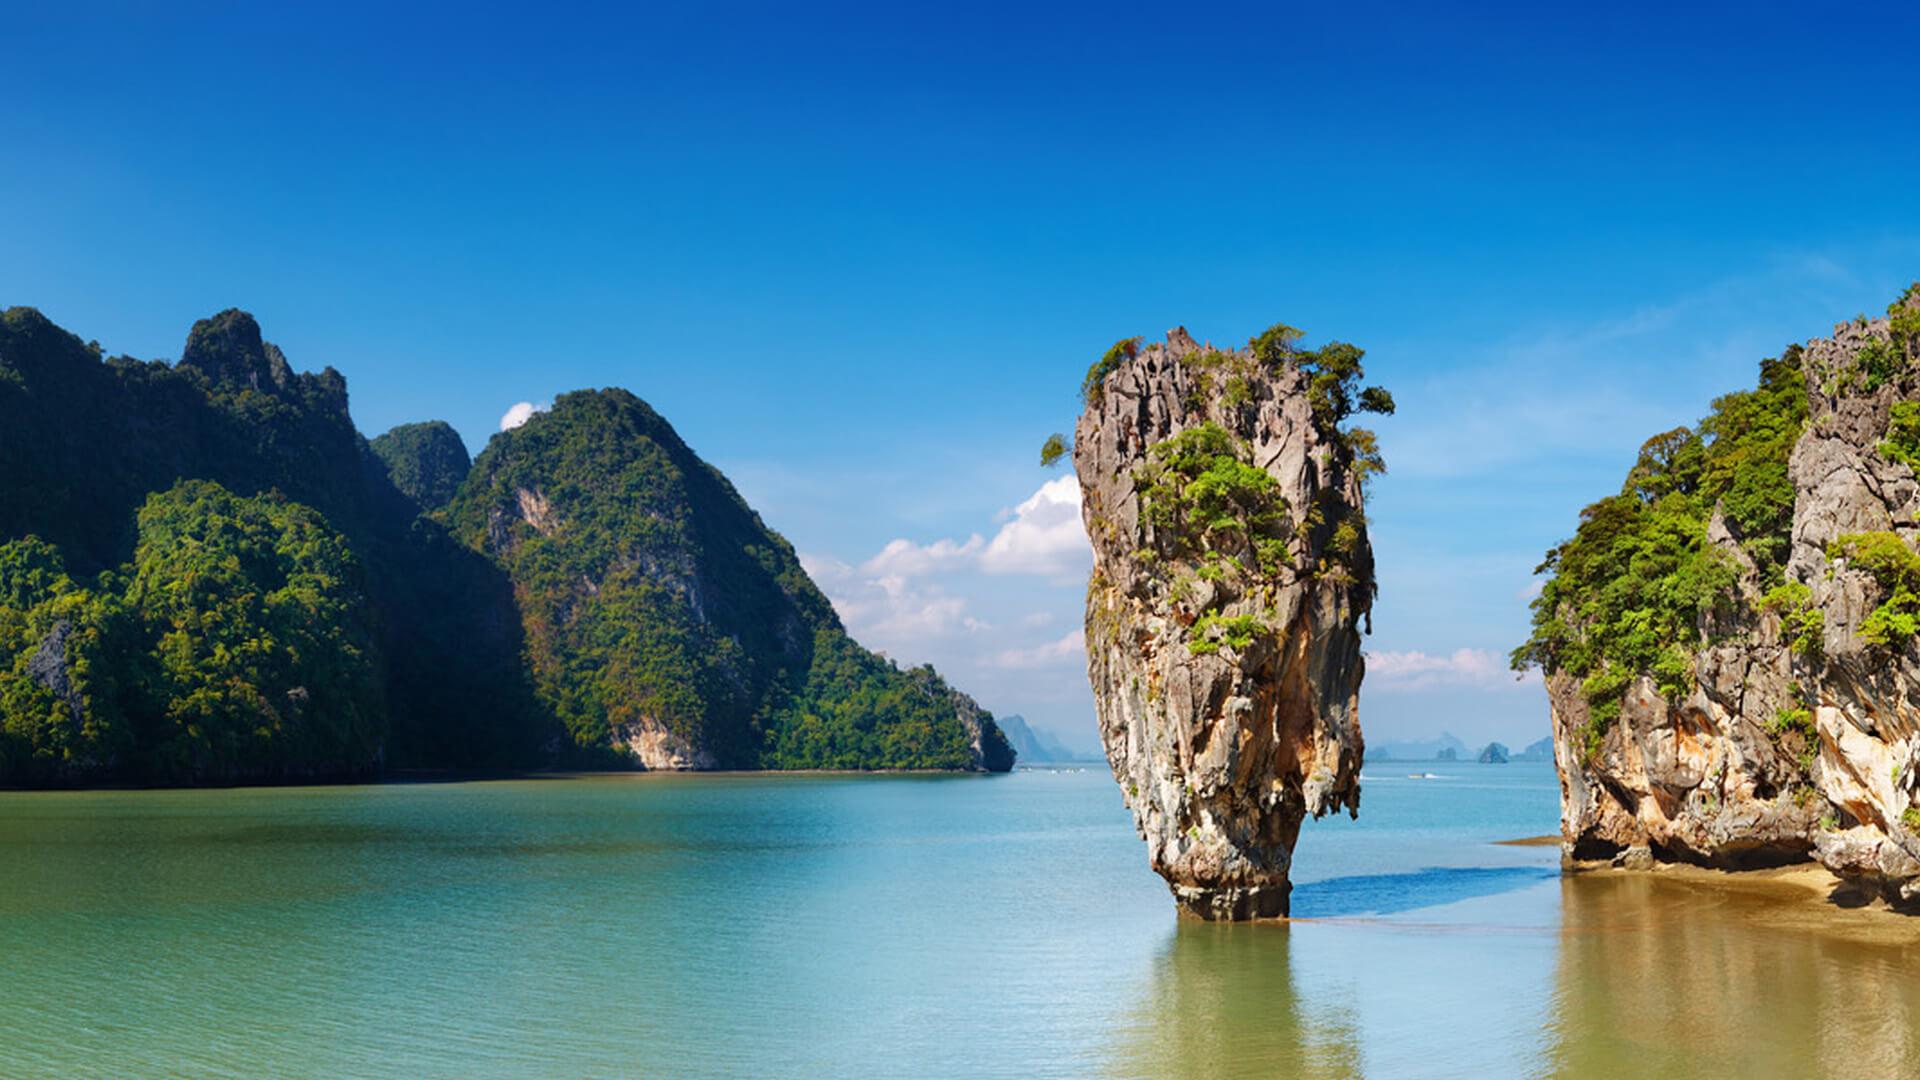 Alquiler de yates de lujo en Tailandia. Alquiler de barcos de lujo en Tailandia.